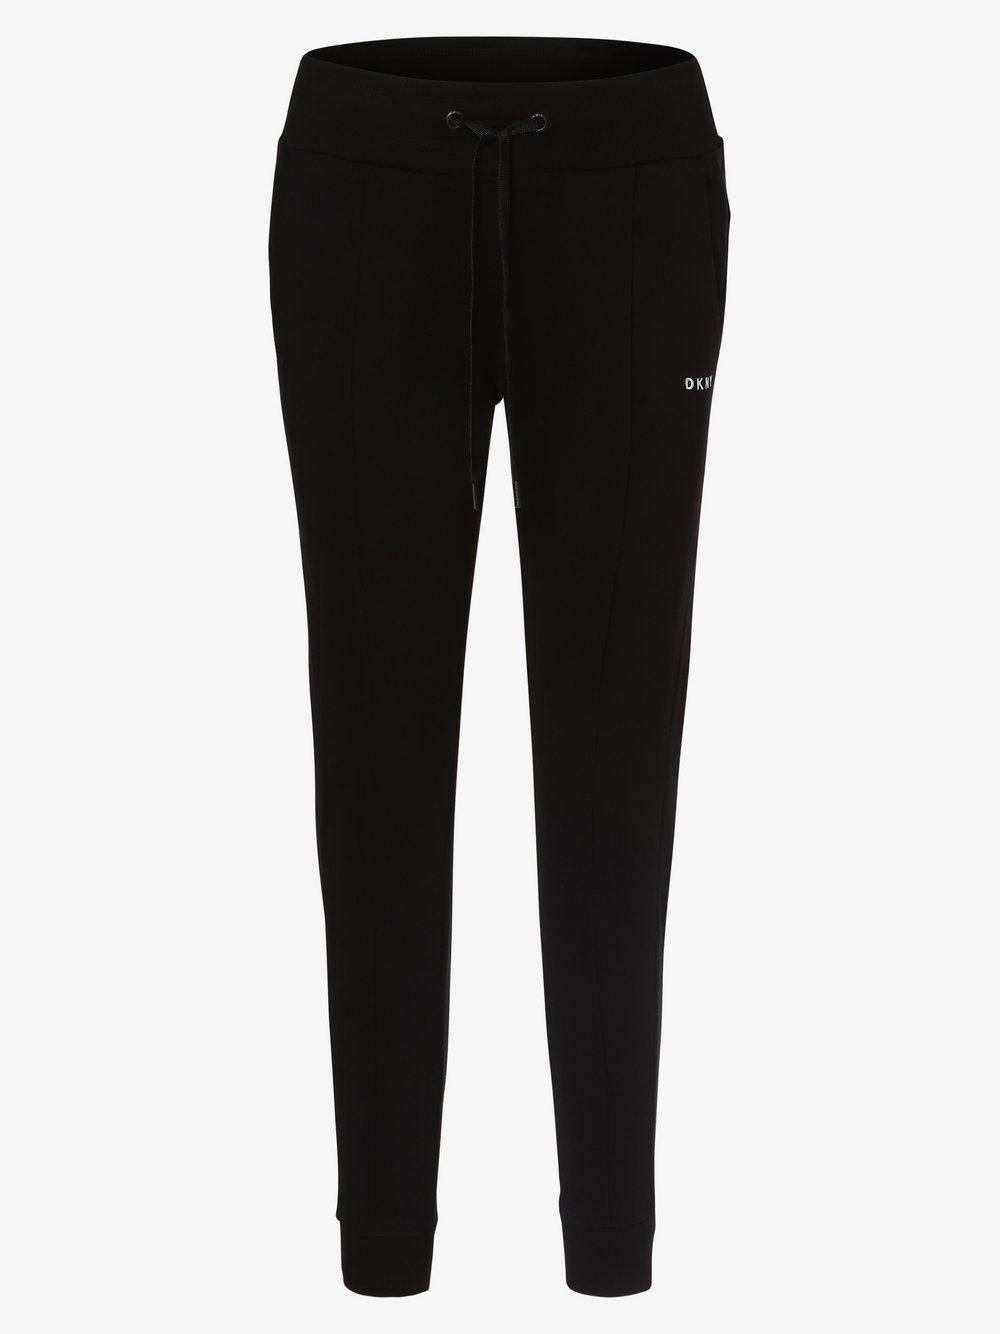 DKNY - Damskie spodnie dresowe, czarny